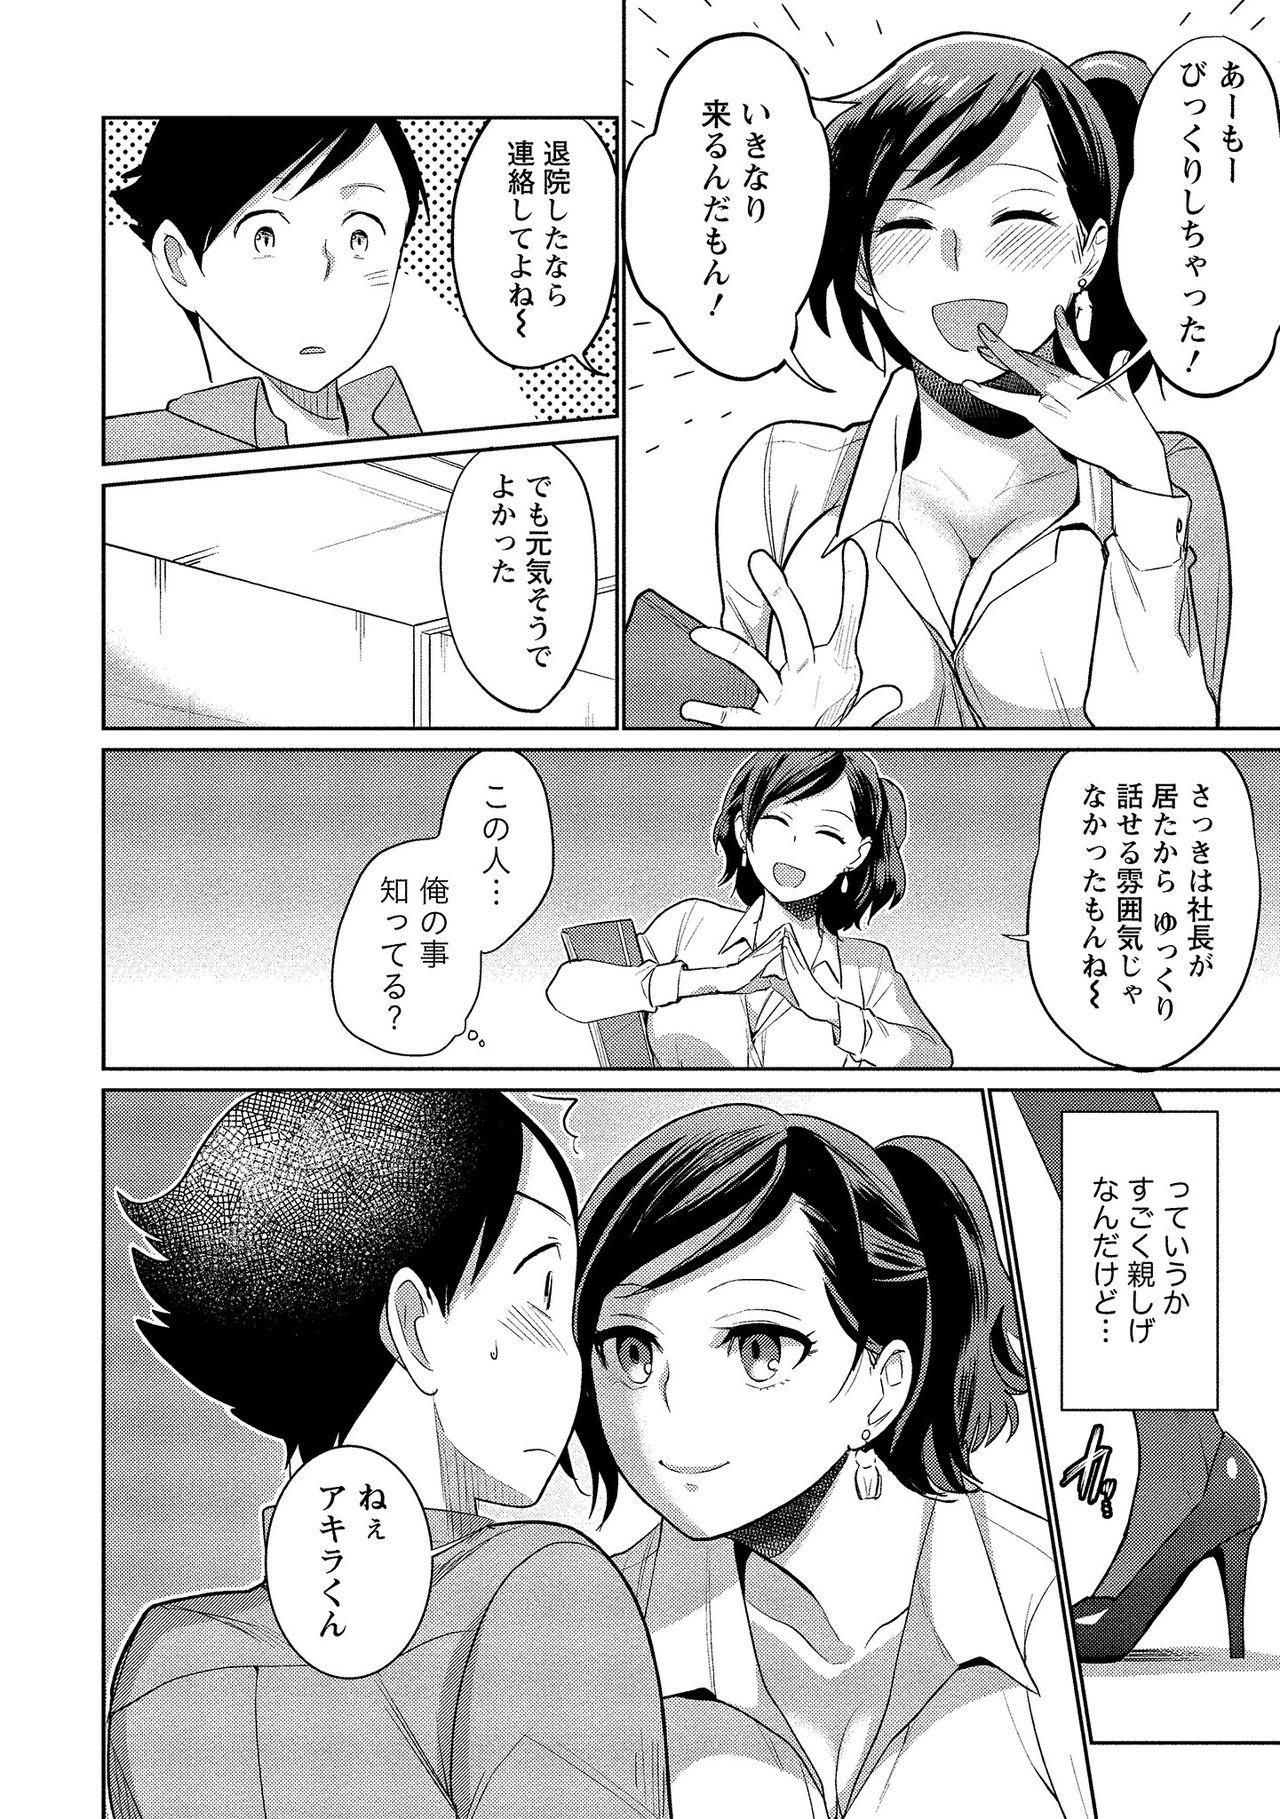 Dorobou Neko wa Kanojo no Hajimari 54